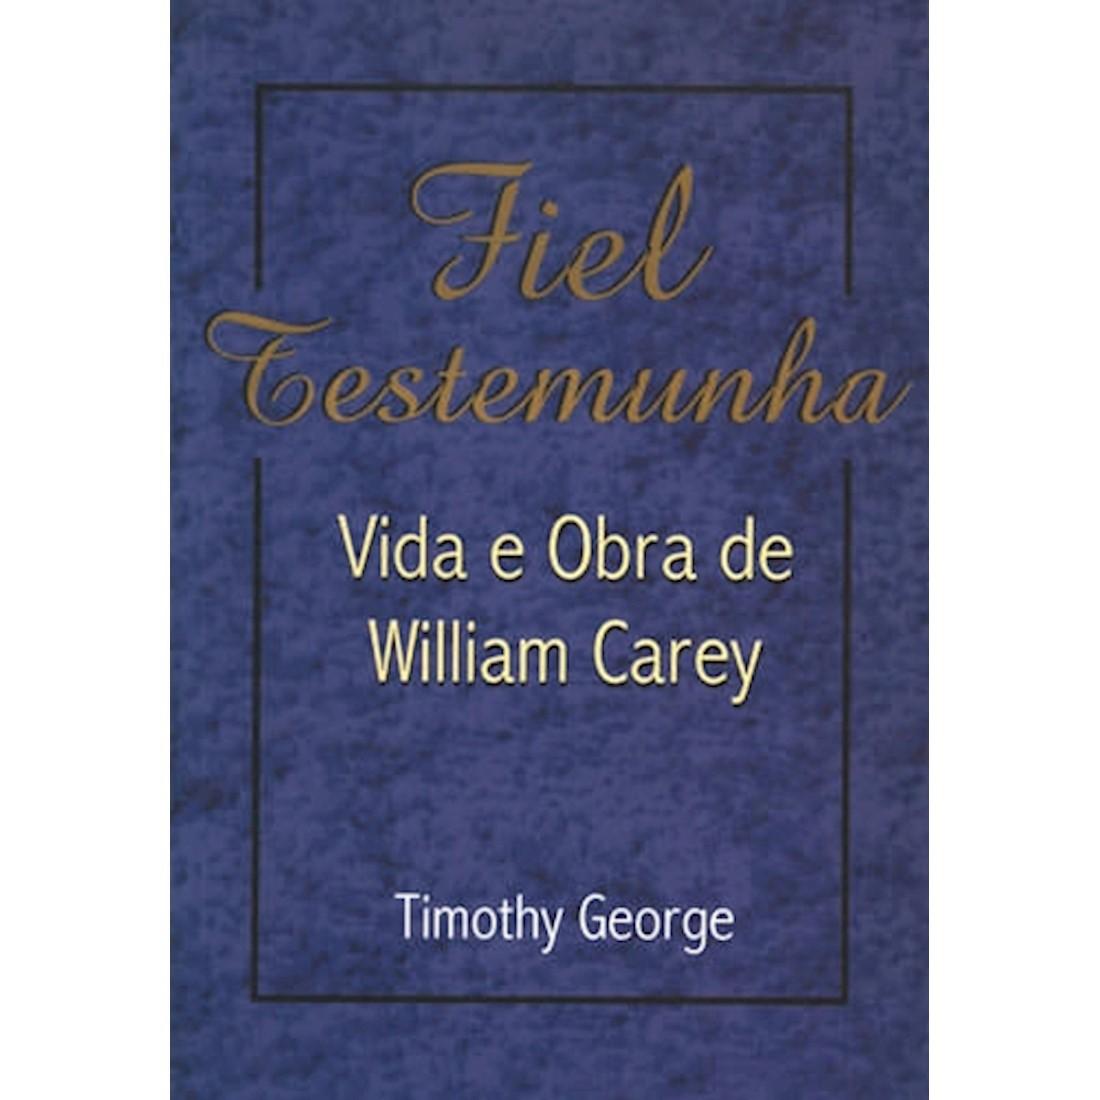 Livro Fiel Testemunha  - Vida e obra de William Carey